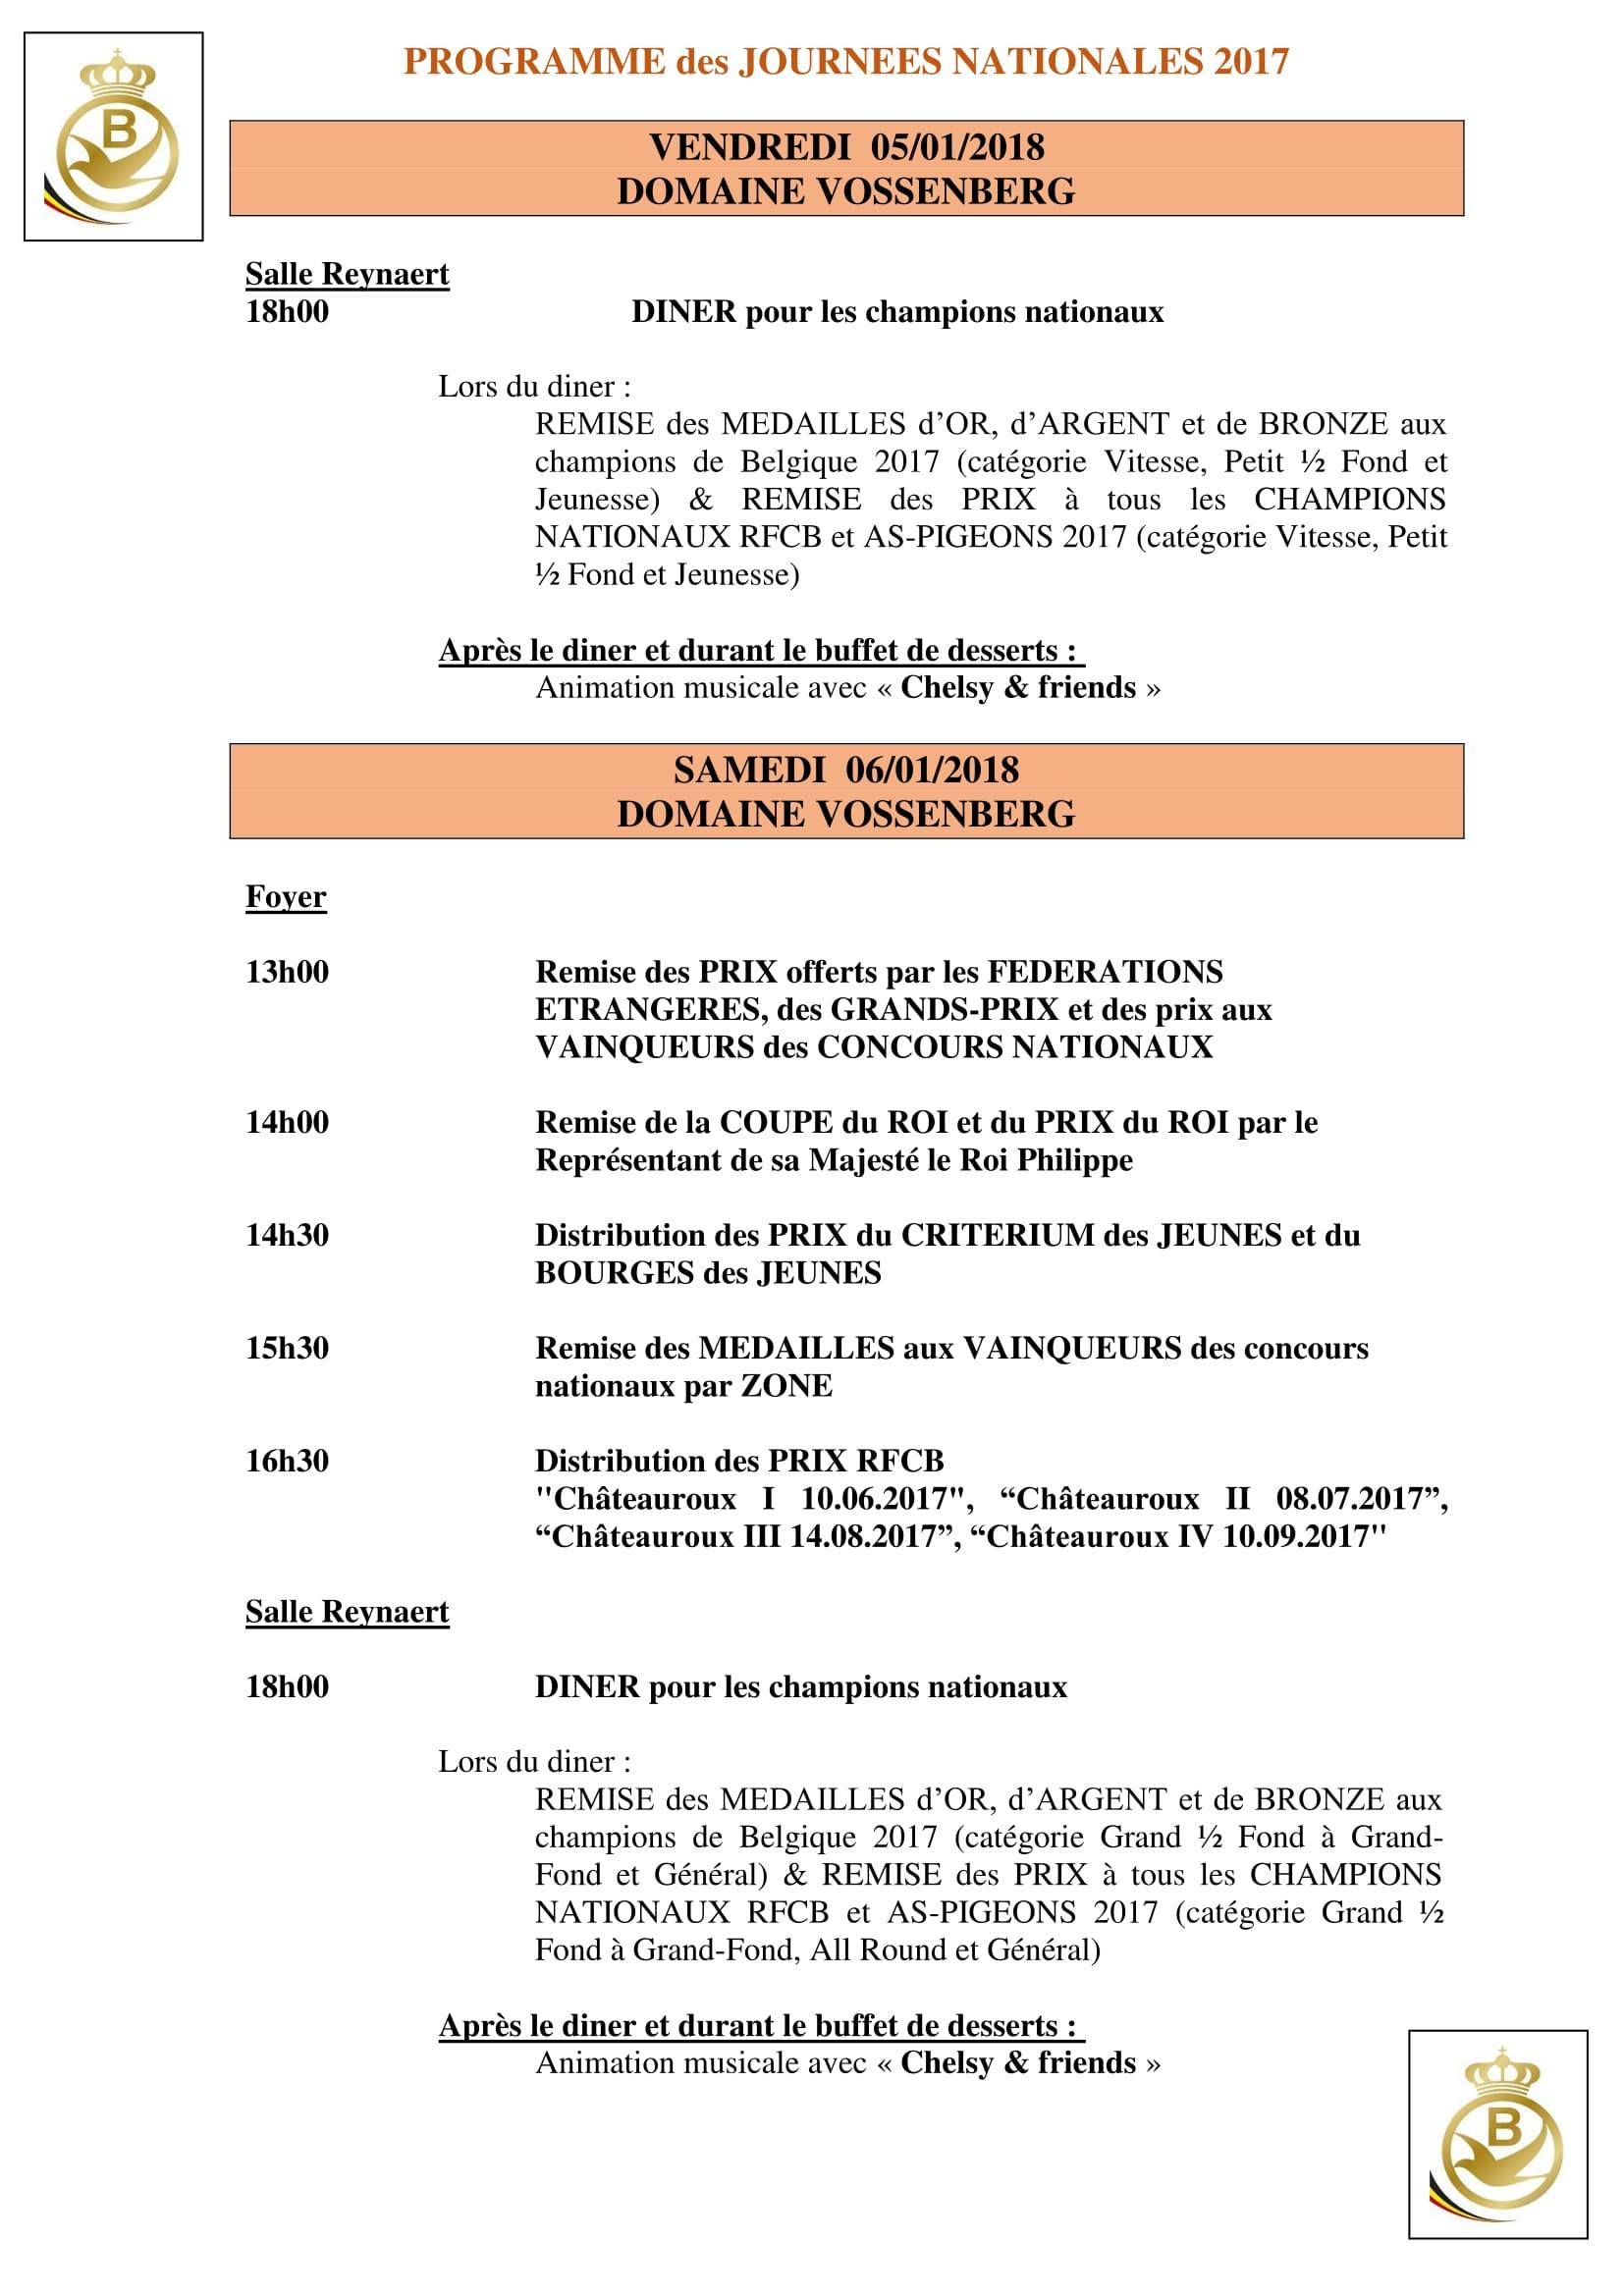 FR programme 2017 1